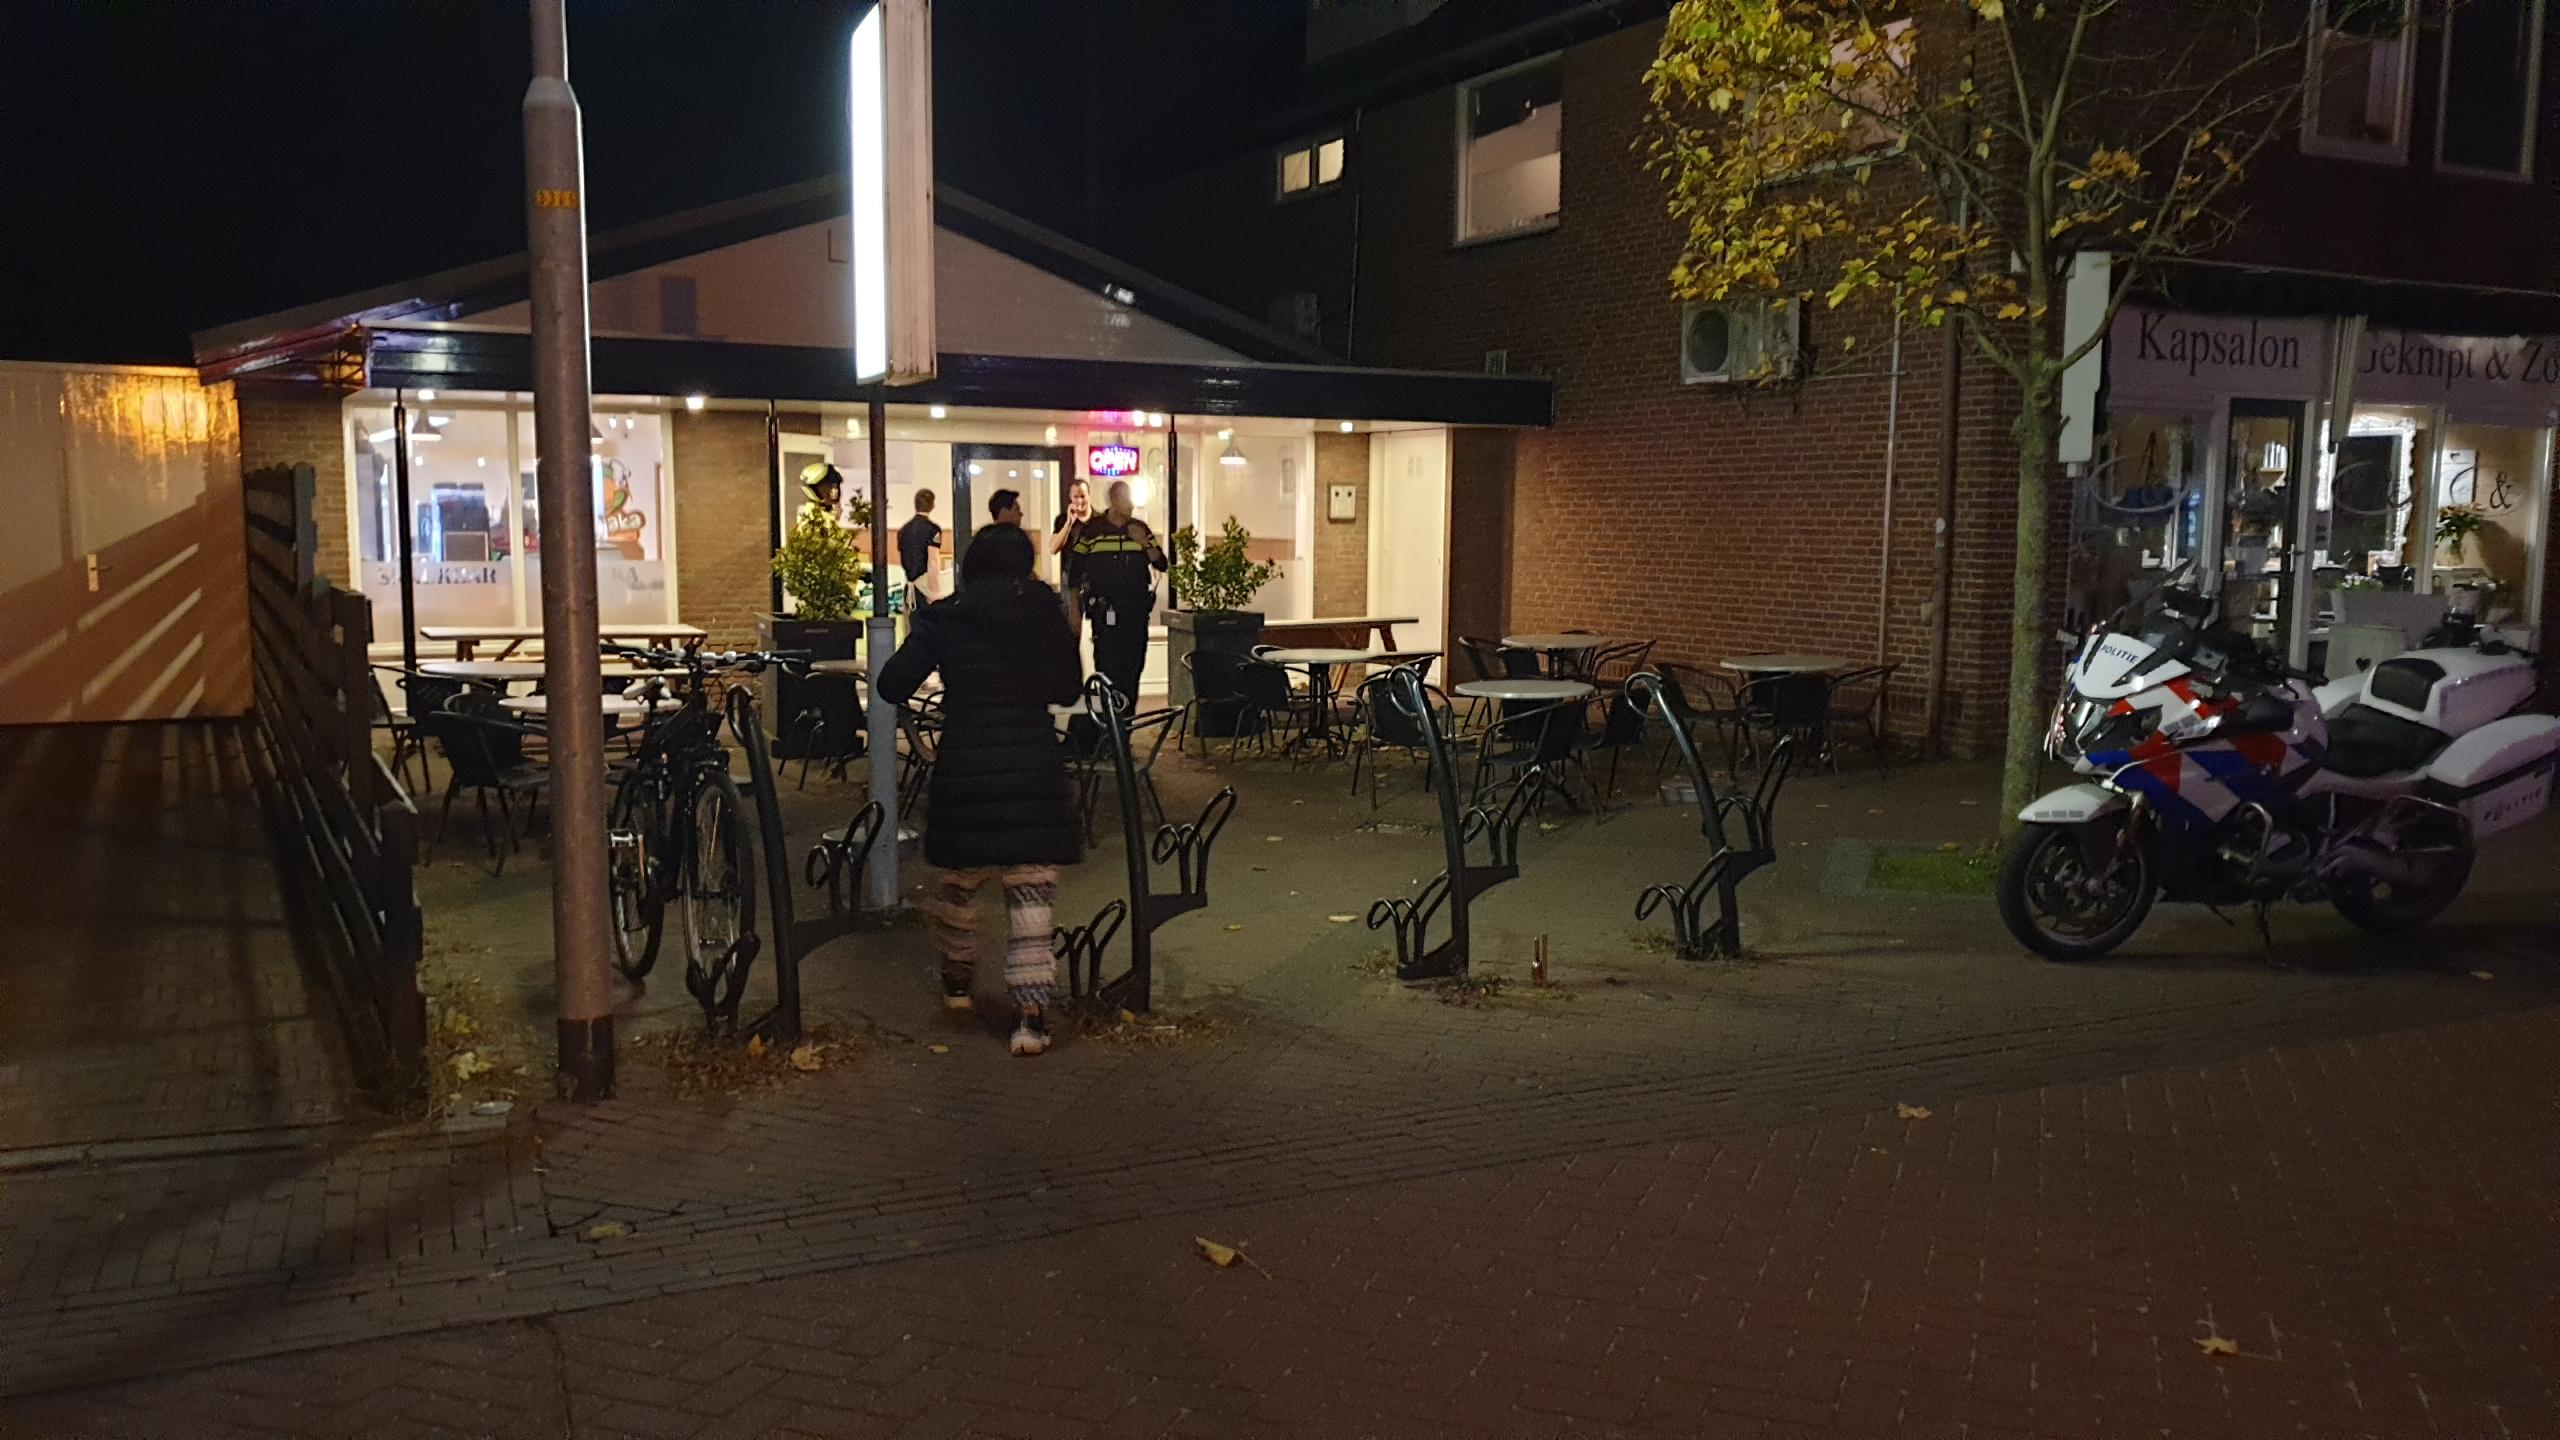 15-jarige jongens uit Alkmaar na waarschuwingsschoten opgepakt in Sint Pancras, blijken niets met overval te maken te hebben